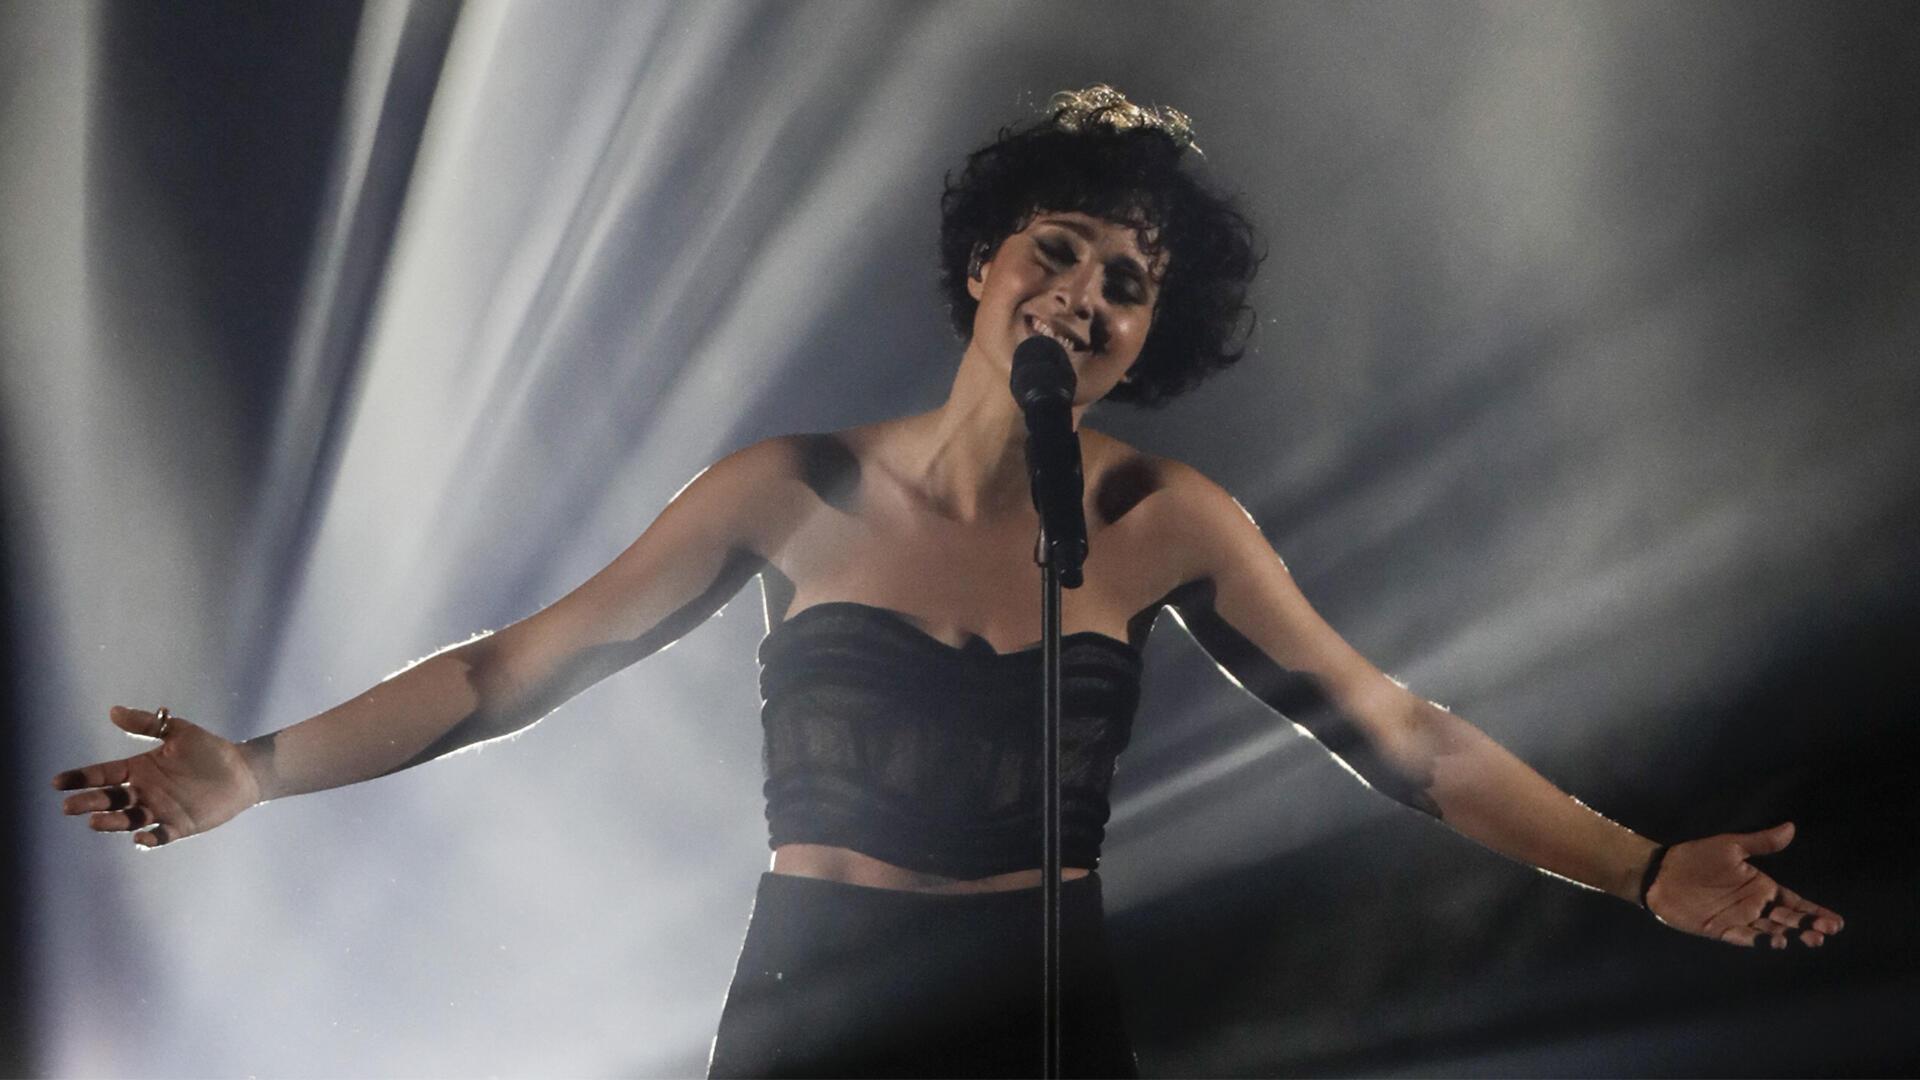 باربارا پراوی، در حال اجراء ترانه «وآلا» در مراسم نهائی مسابقه یوروویژن ۲۰۲۱